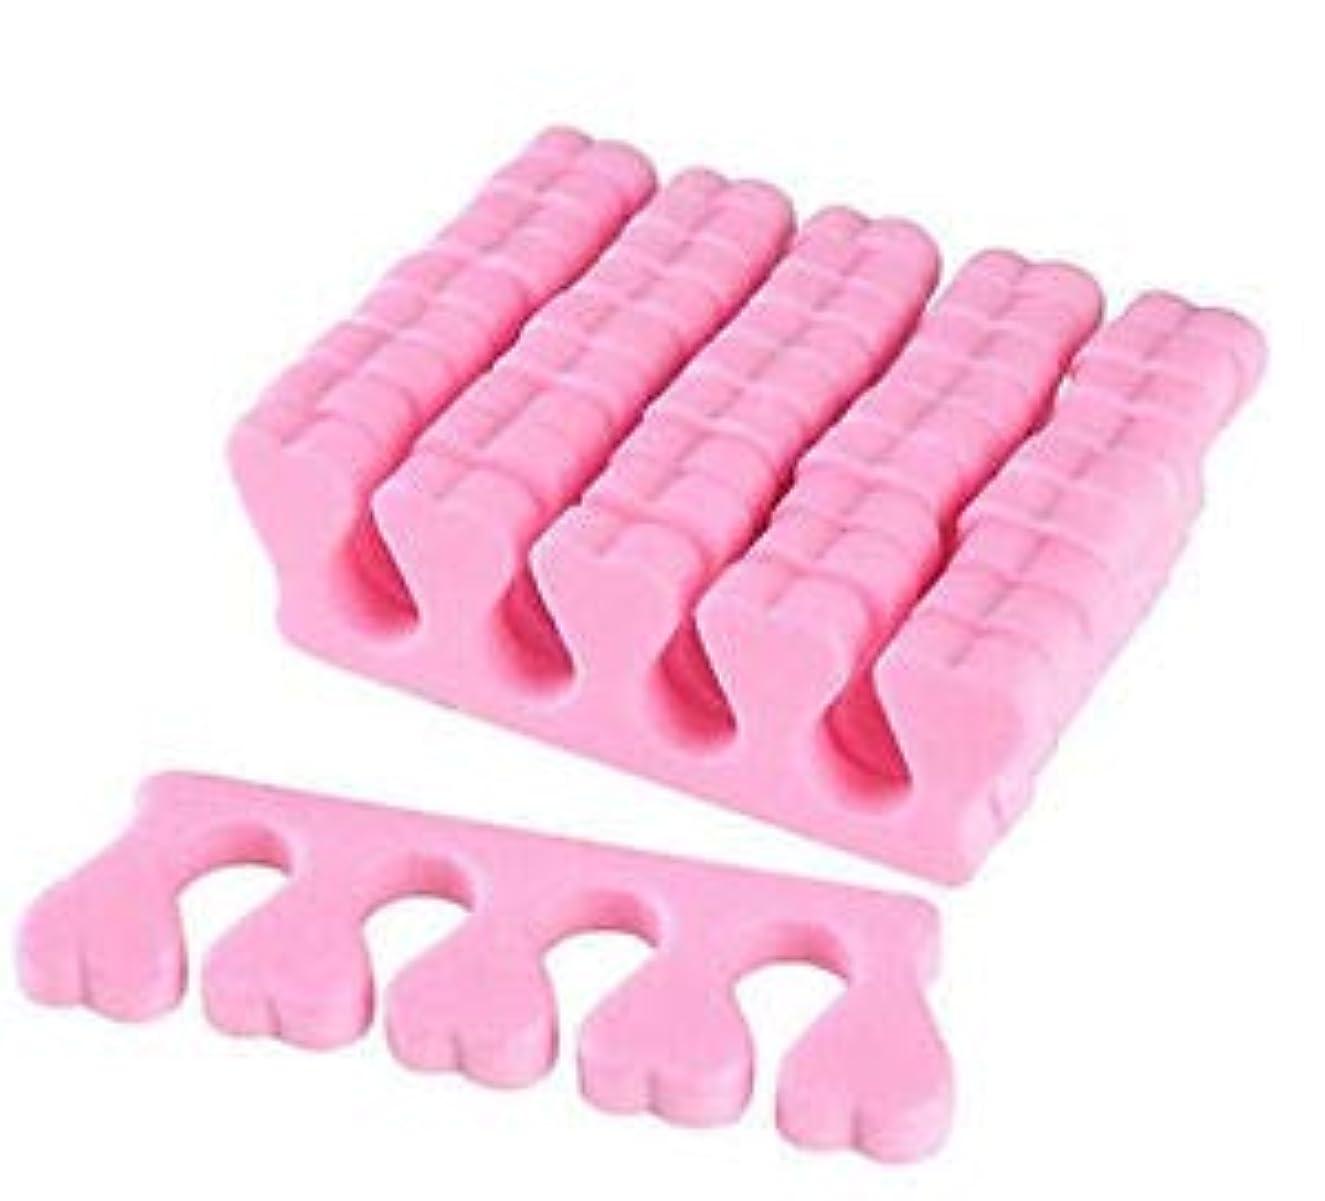 見込み多年生第つま先のセパレータ 足指セパレーター ネイル アート つま先区切り アートペディキュア マニキュア 爪切りセット ピンク 50ペアセット